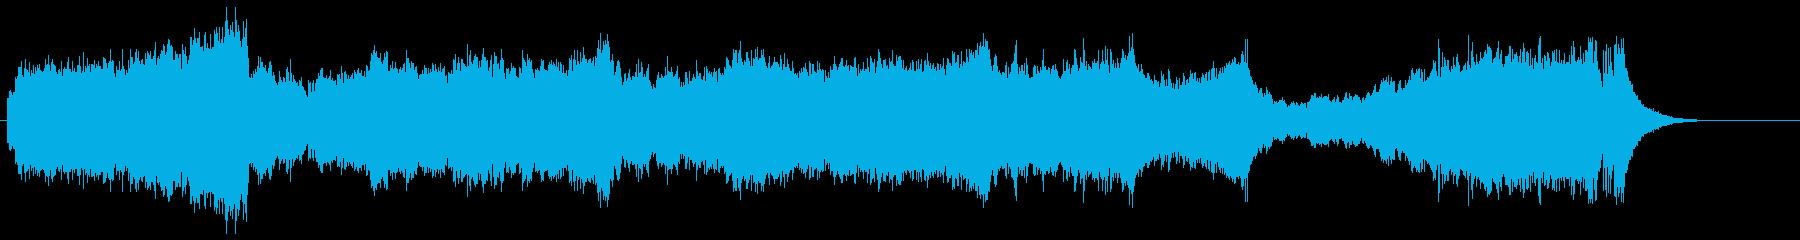 壮大なオーケストラ/冒険/始まりの予感の再生済みの波形